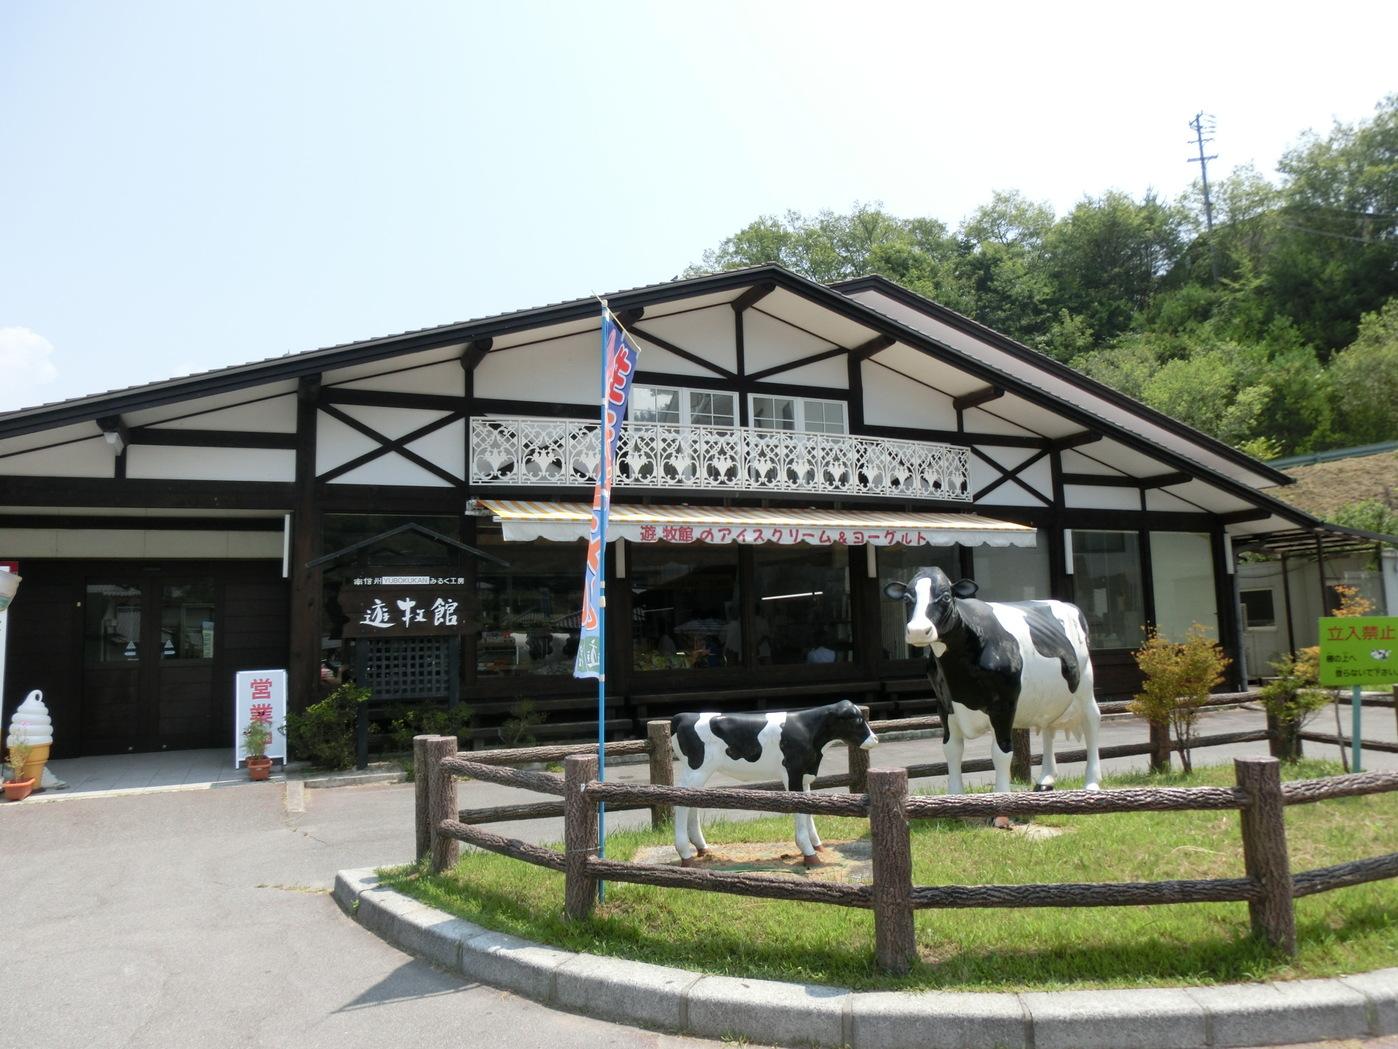 遊牧館 name=